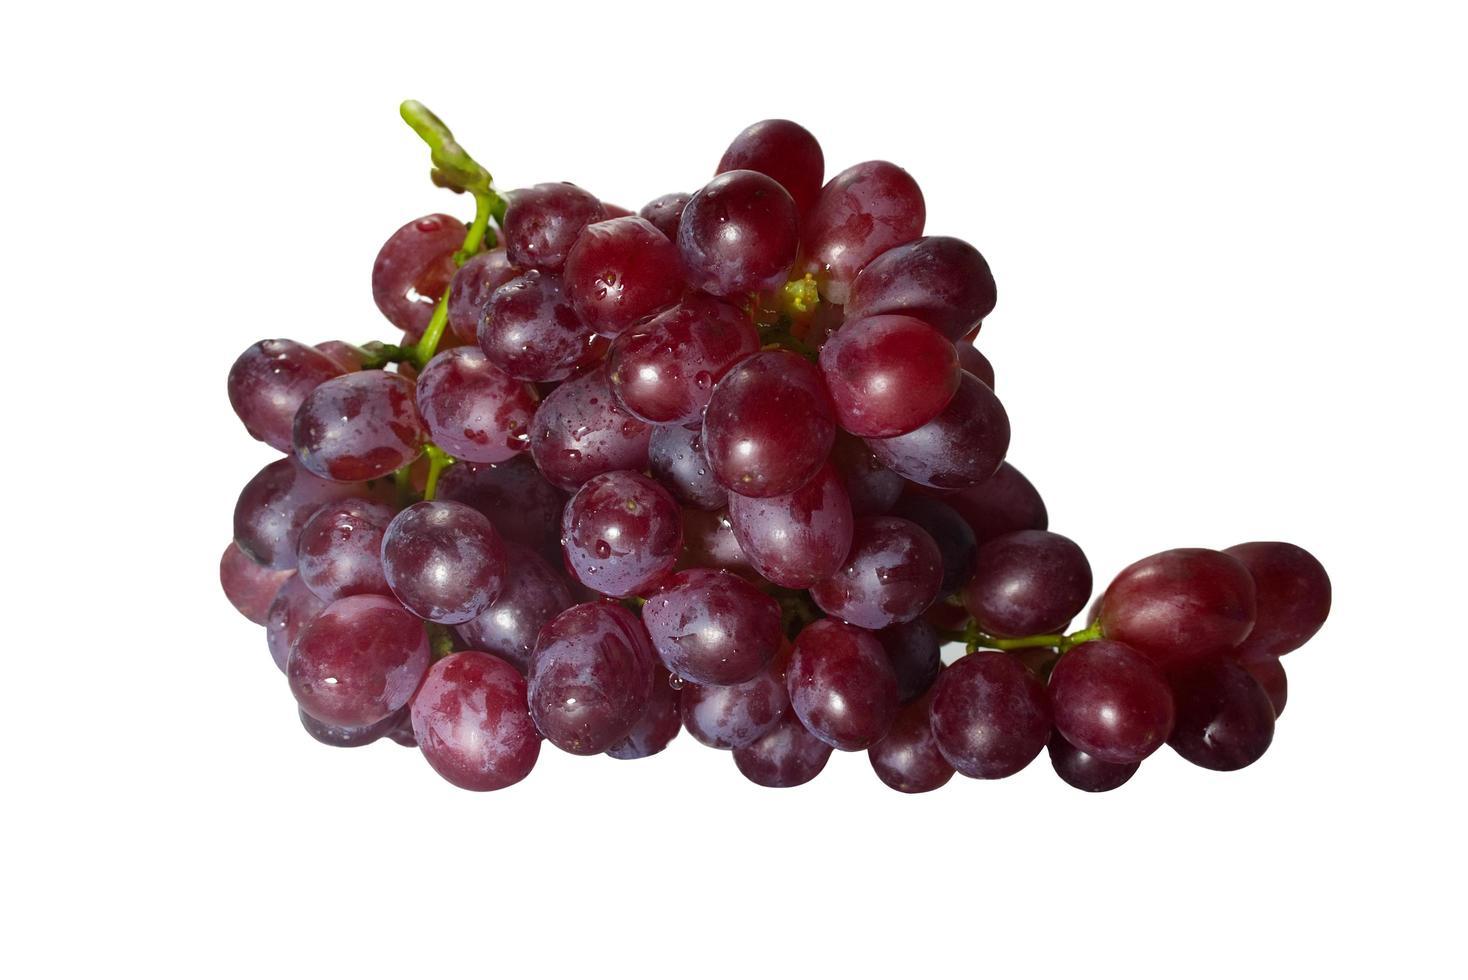 rode druiven op een witte achtergrond foto